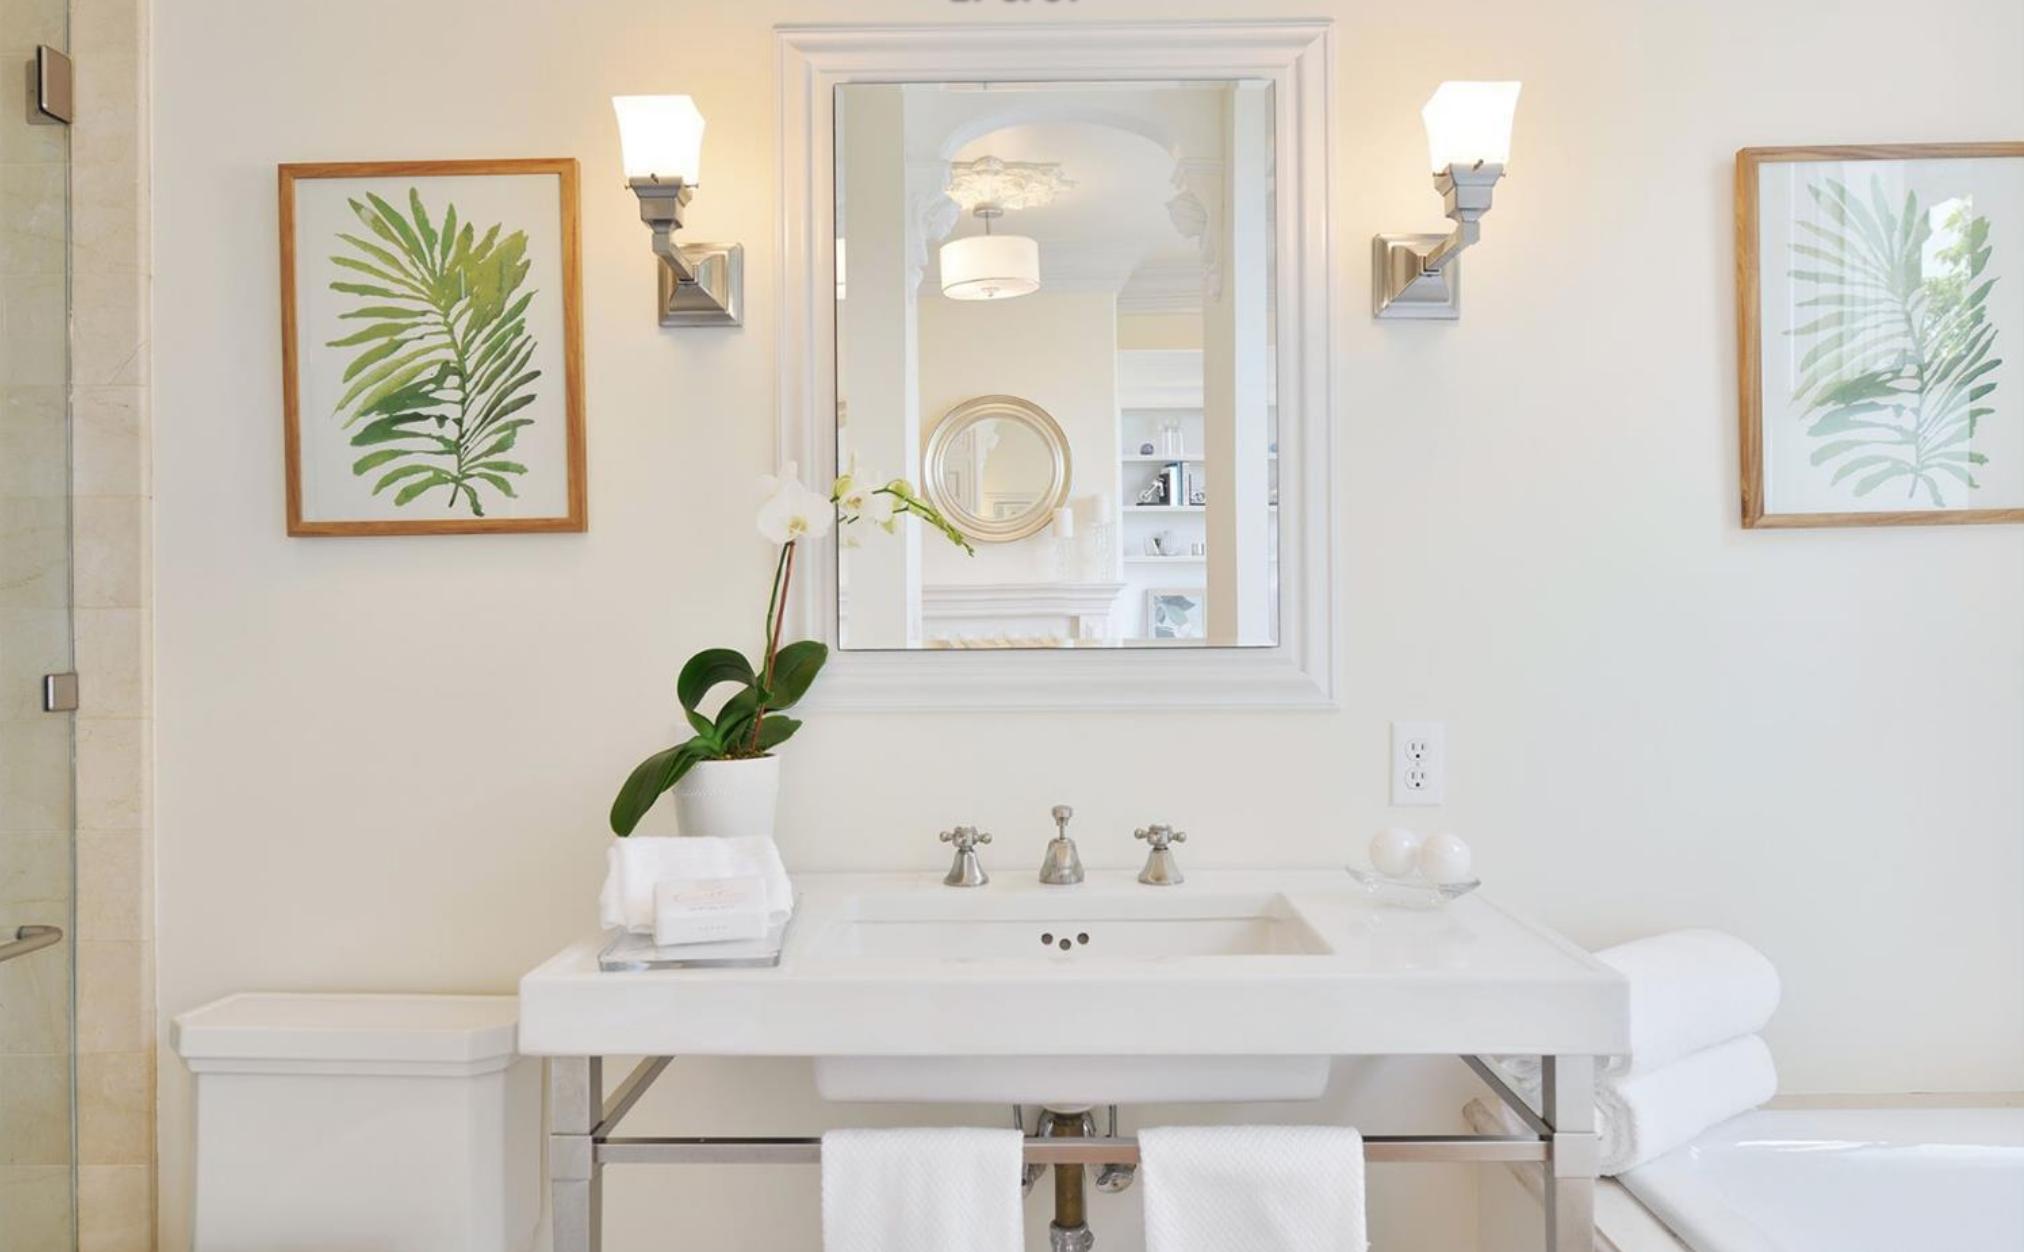 211 Divisadero Street - Master Bathroom